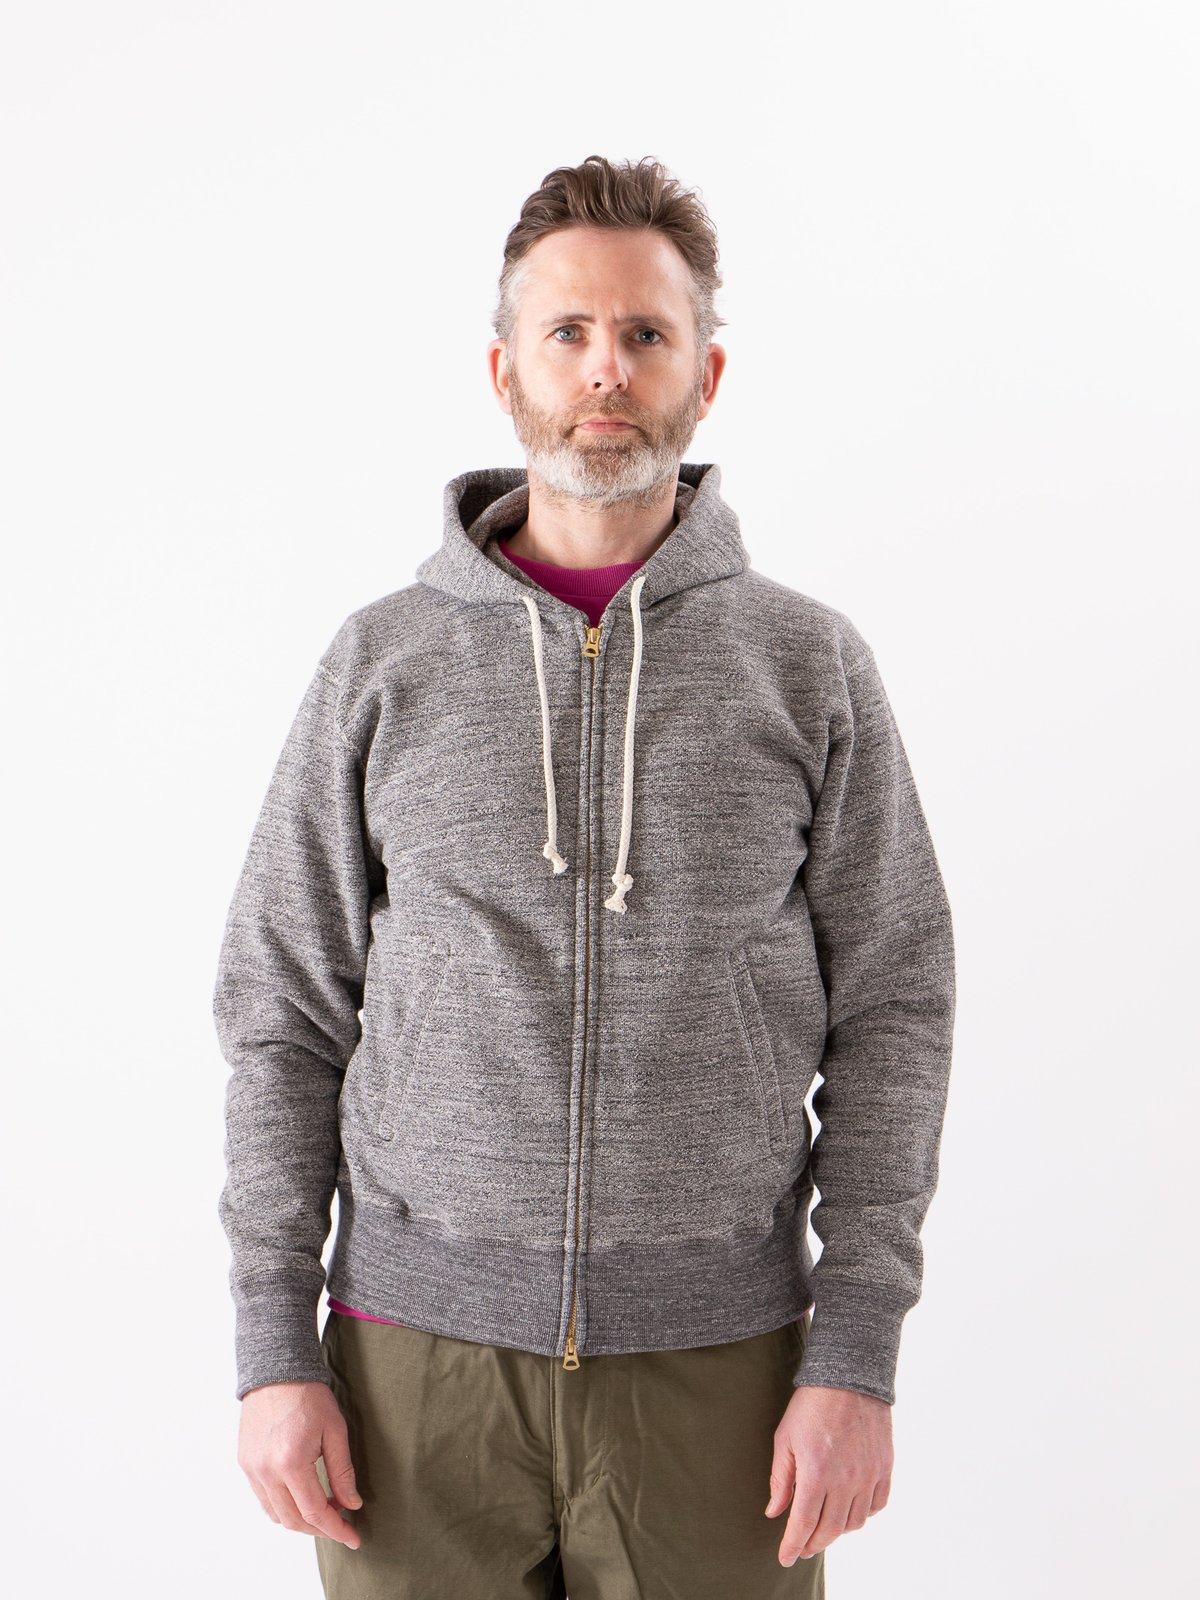 Charcoal GG Full Zip Sweatshirt - Image 2